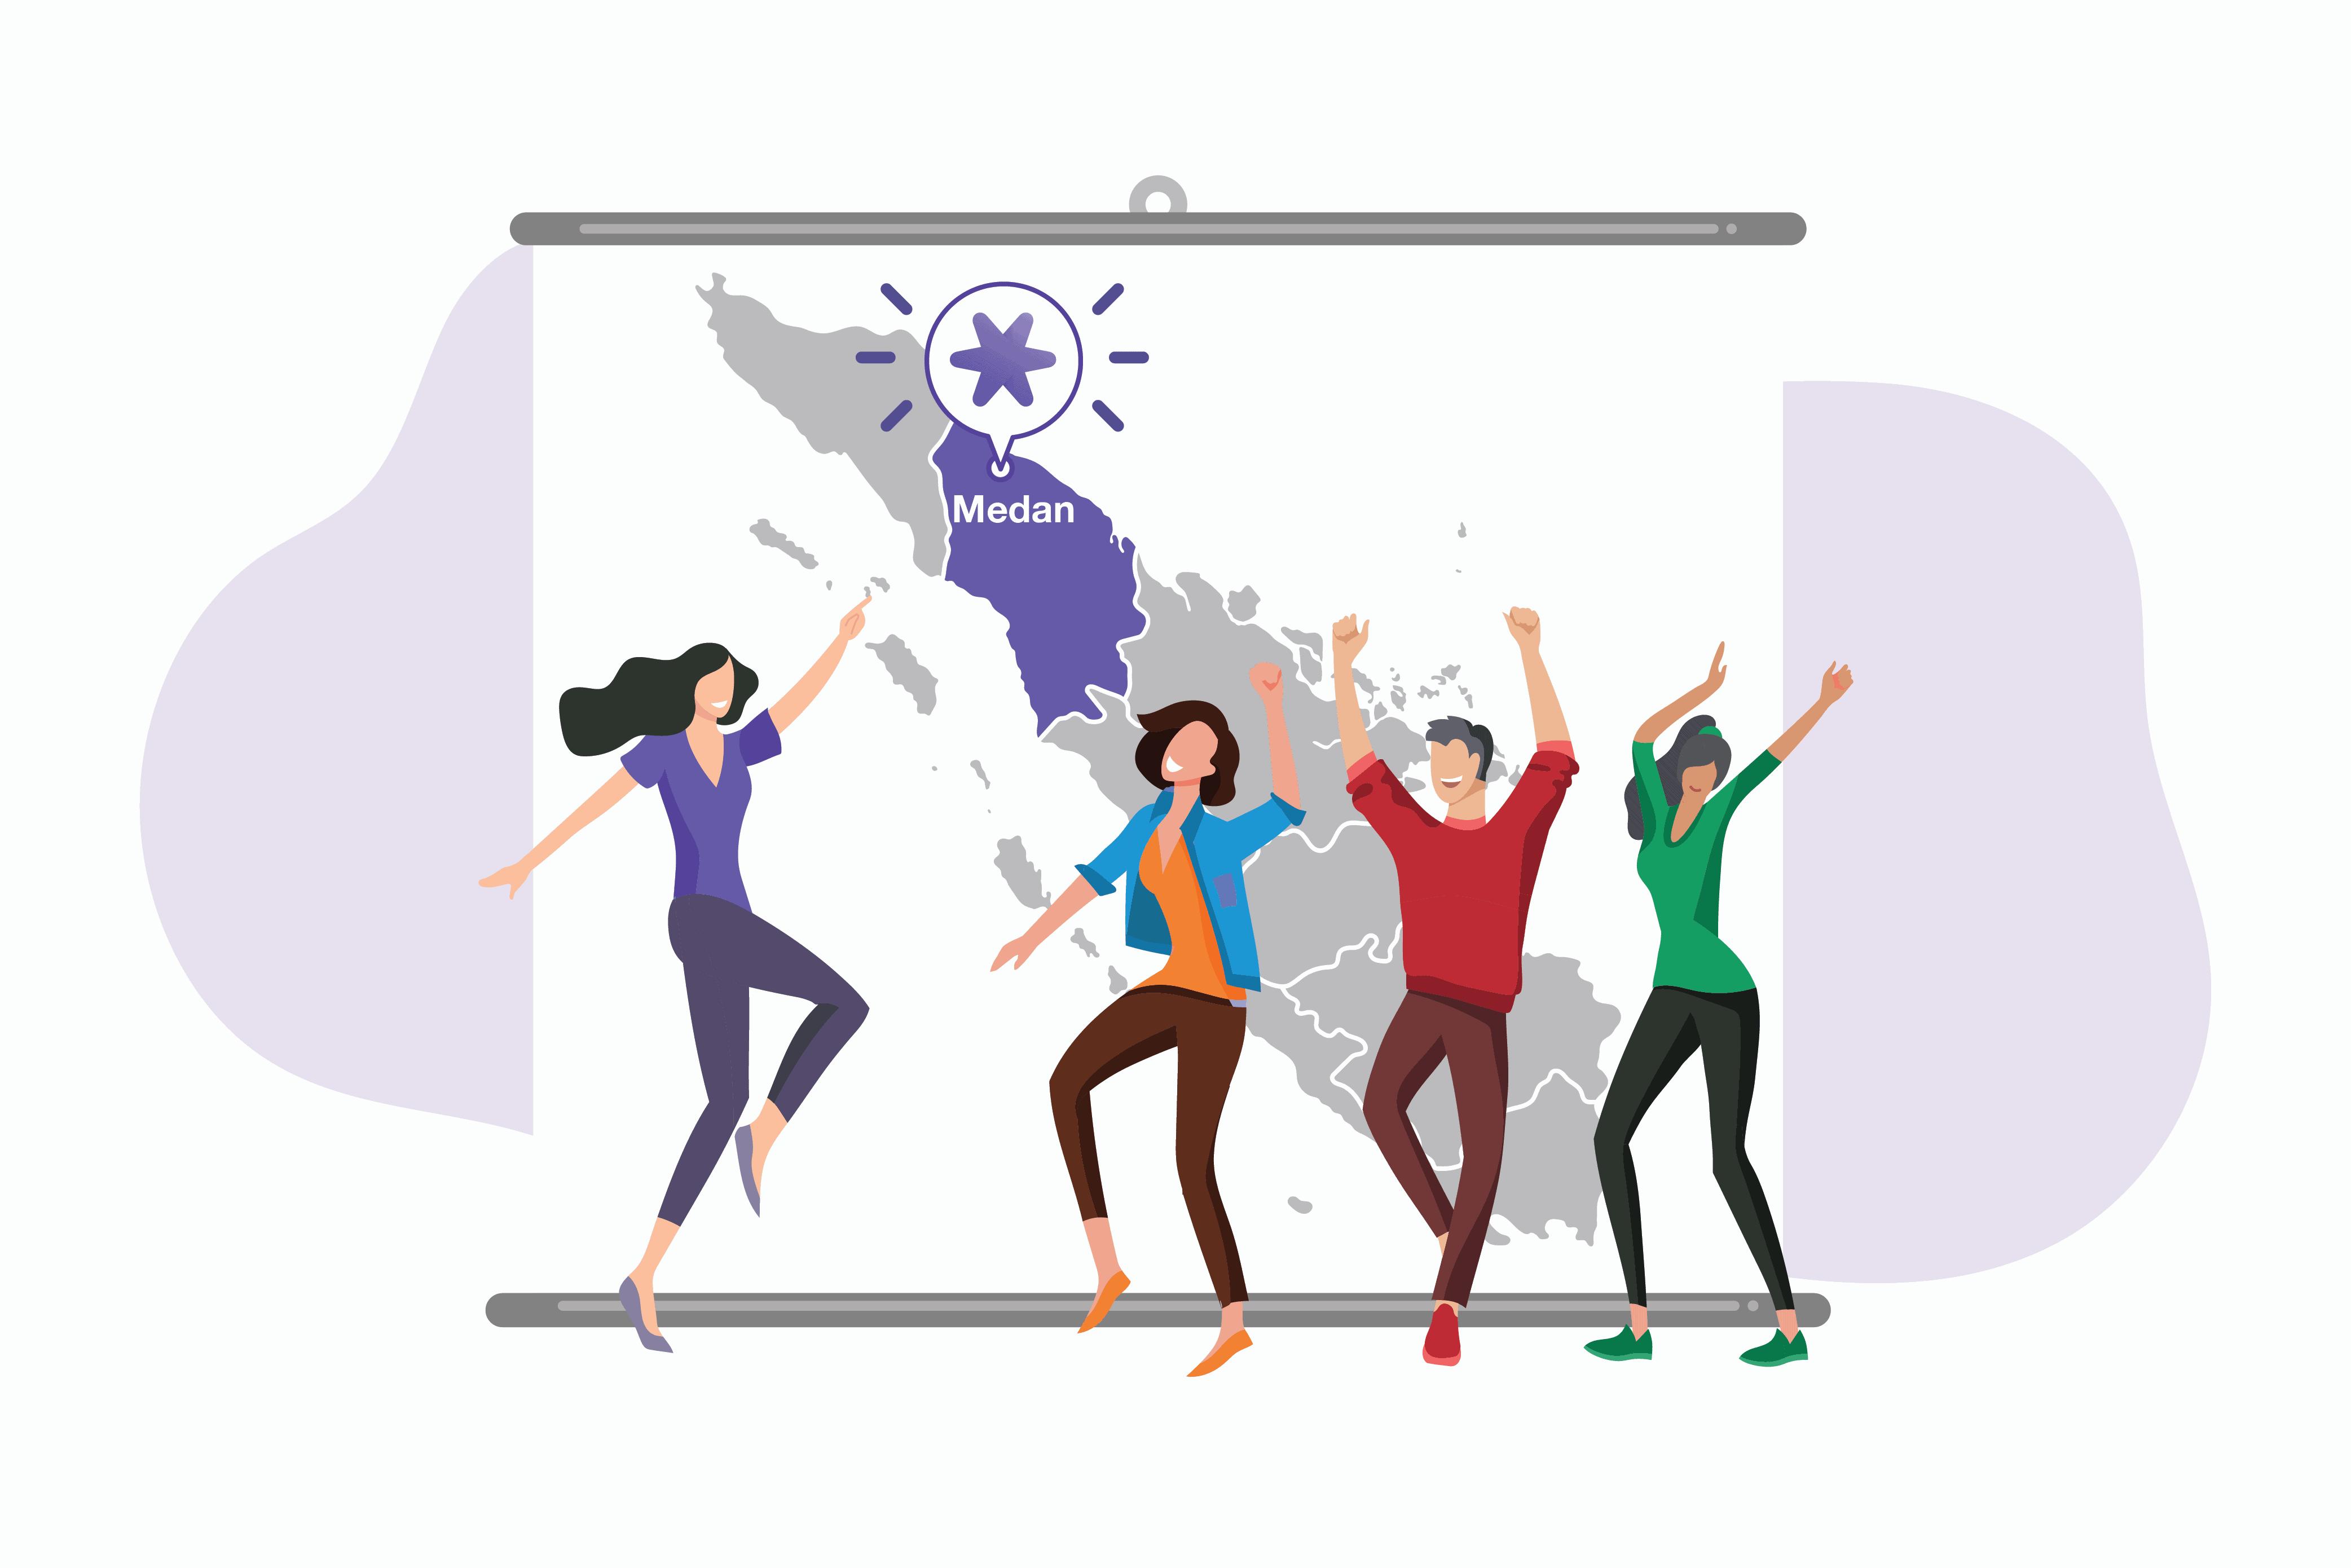 Mekari Hadir di Kota Medan untuk Bantu UKM Lebih Maju & Berkembang